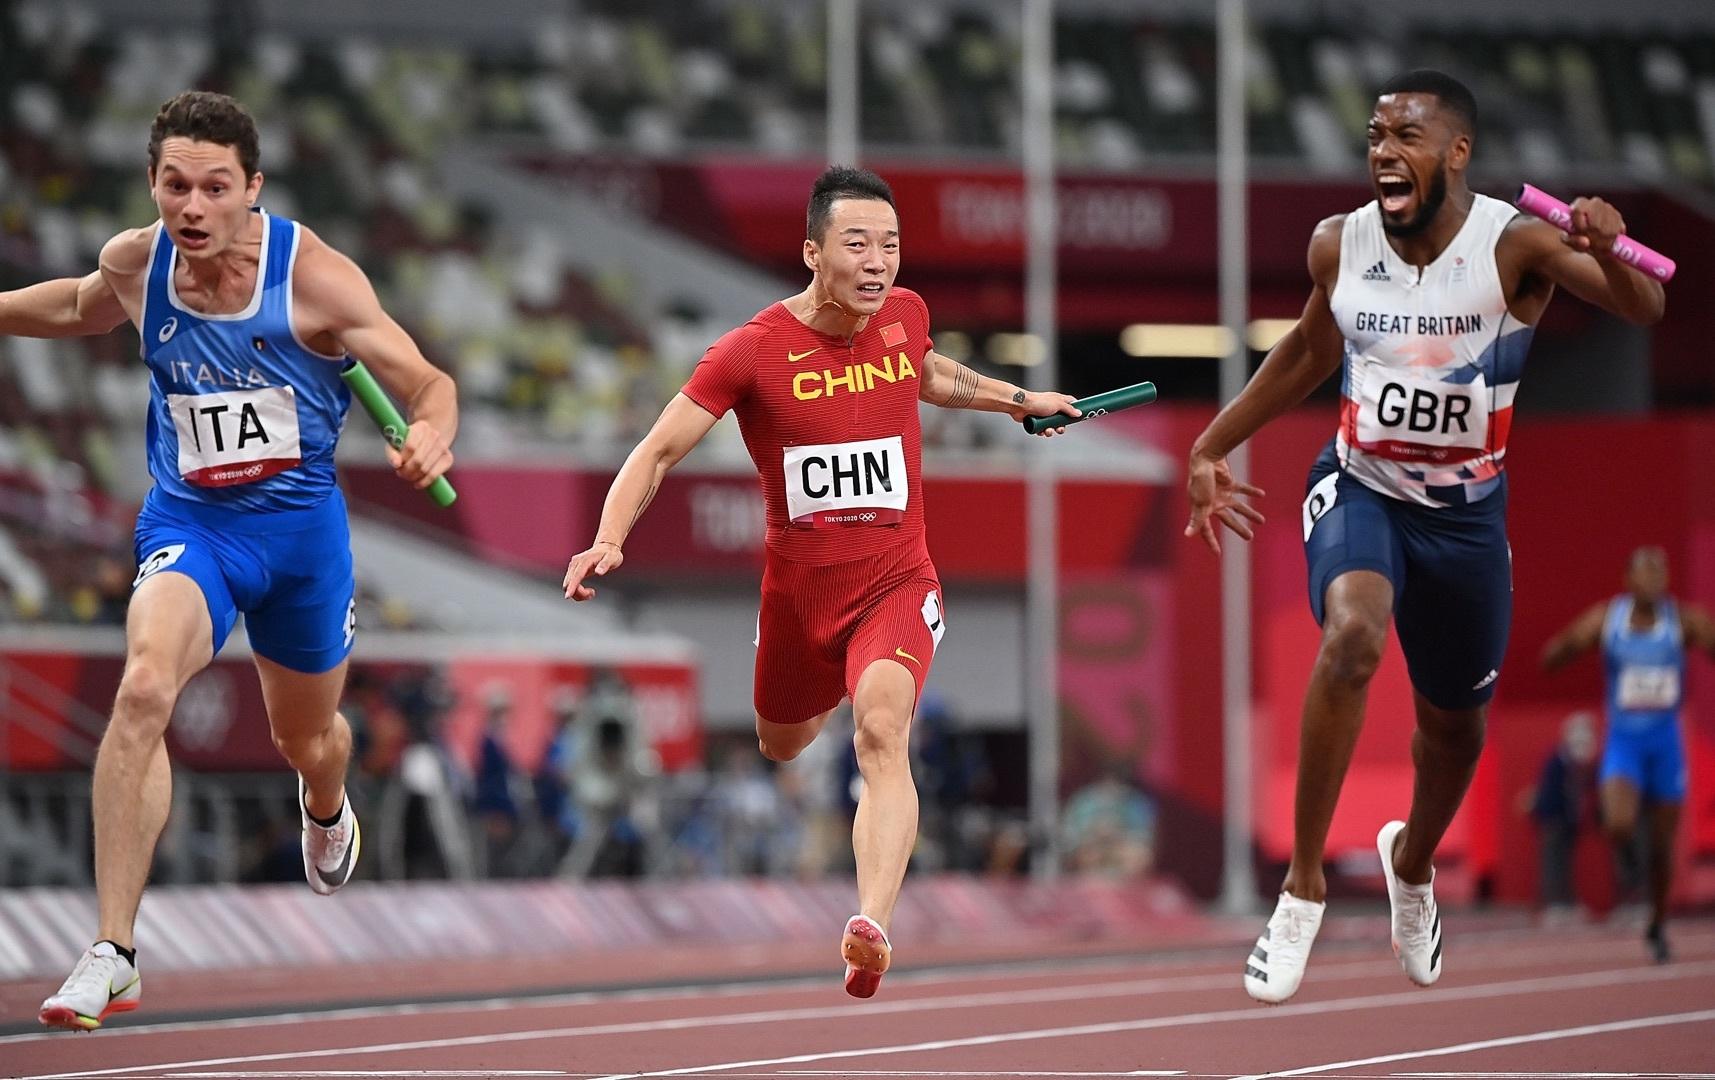 英国短跑选手B瓶尿样为阳性 中国接力队有望替补铜牌